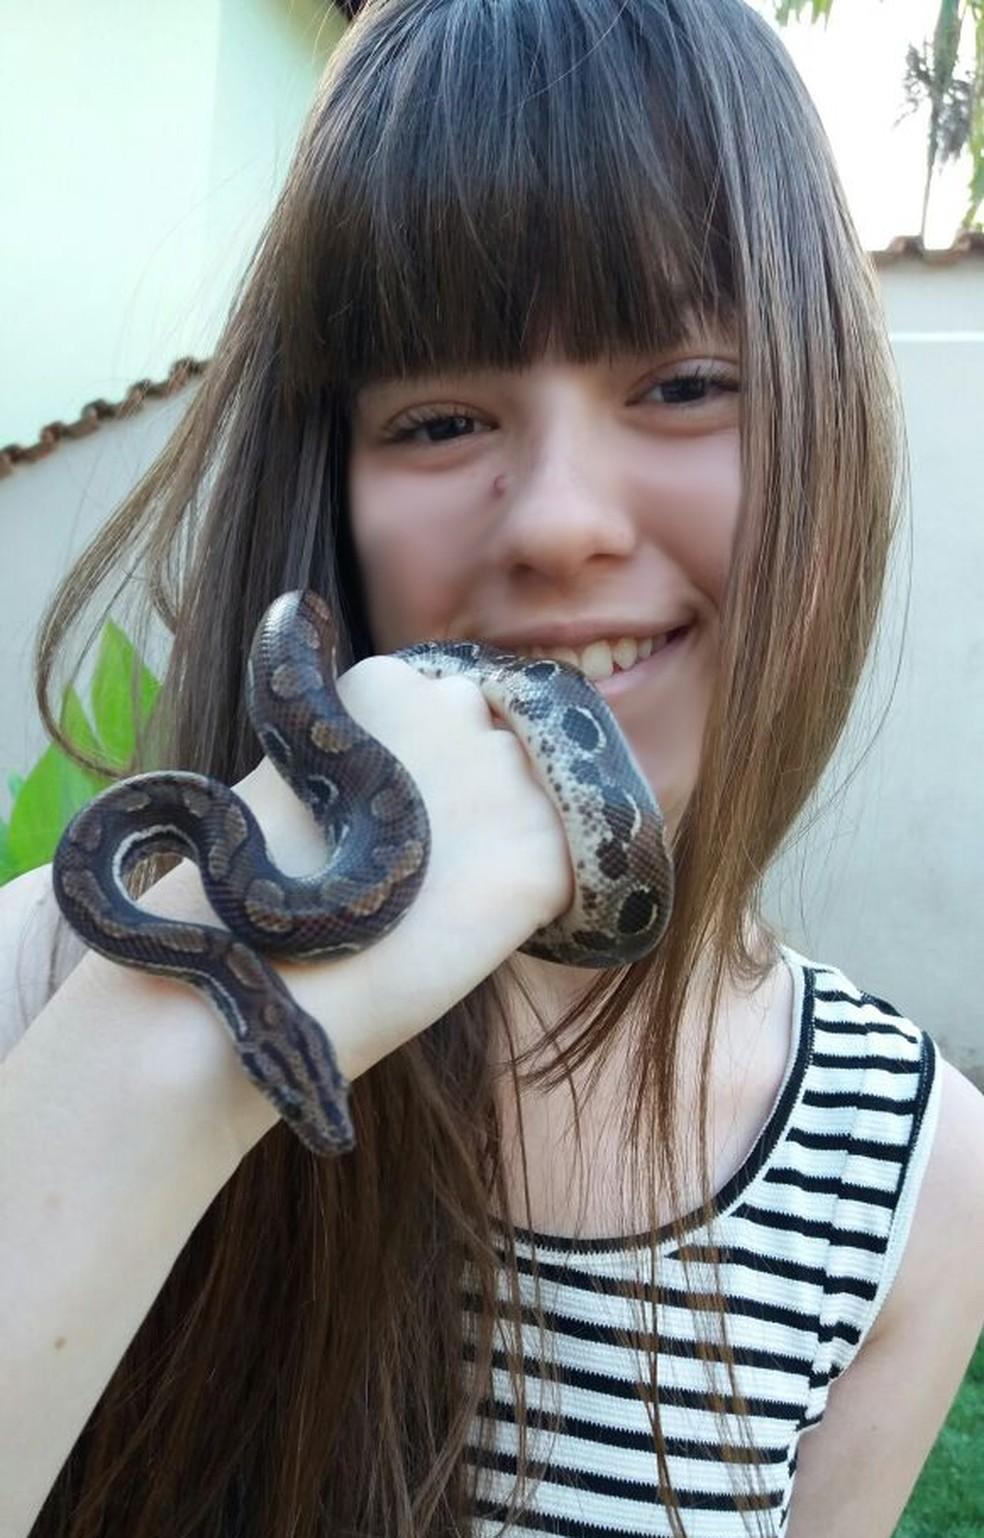 Adolescente disse que interesse pela jiboia foi despertado em feita de ciências (Foto: Clécius Matos/Arquivo Pessoal)